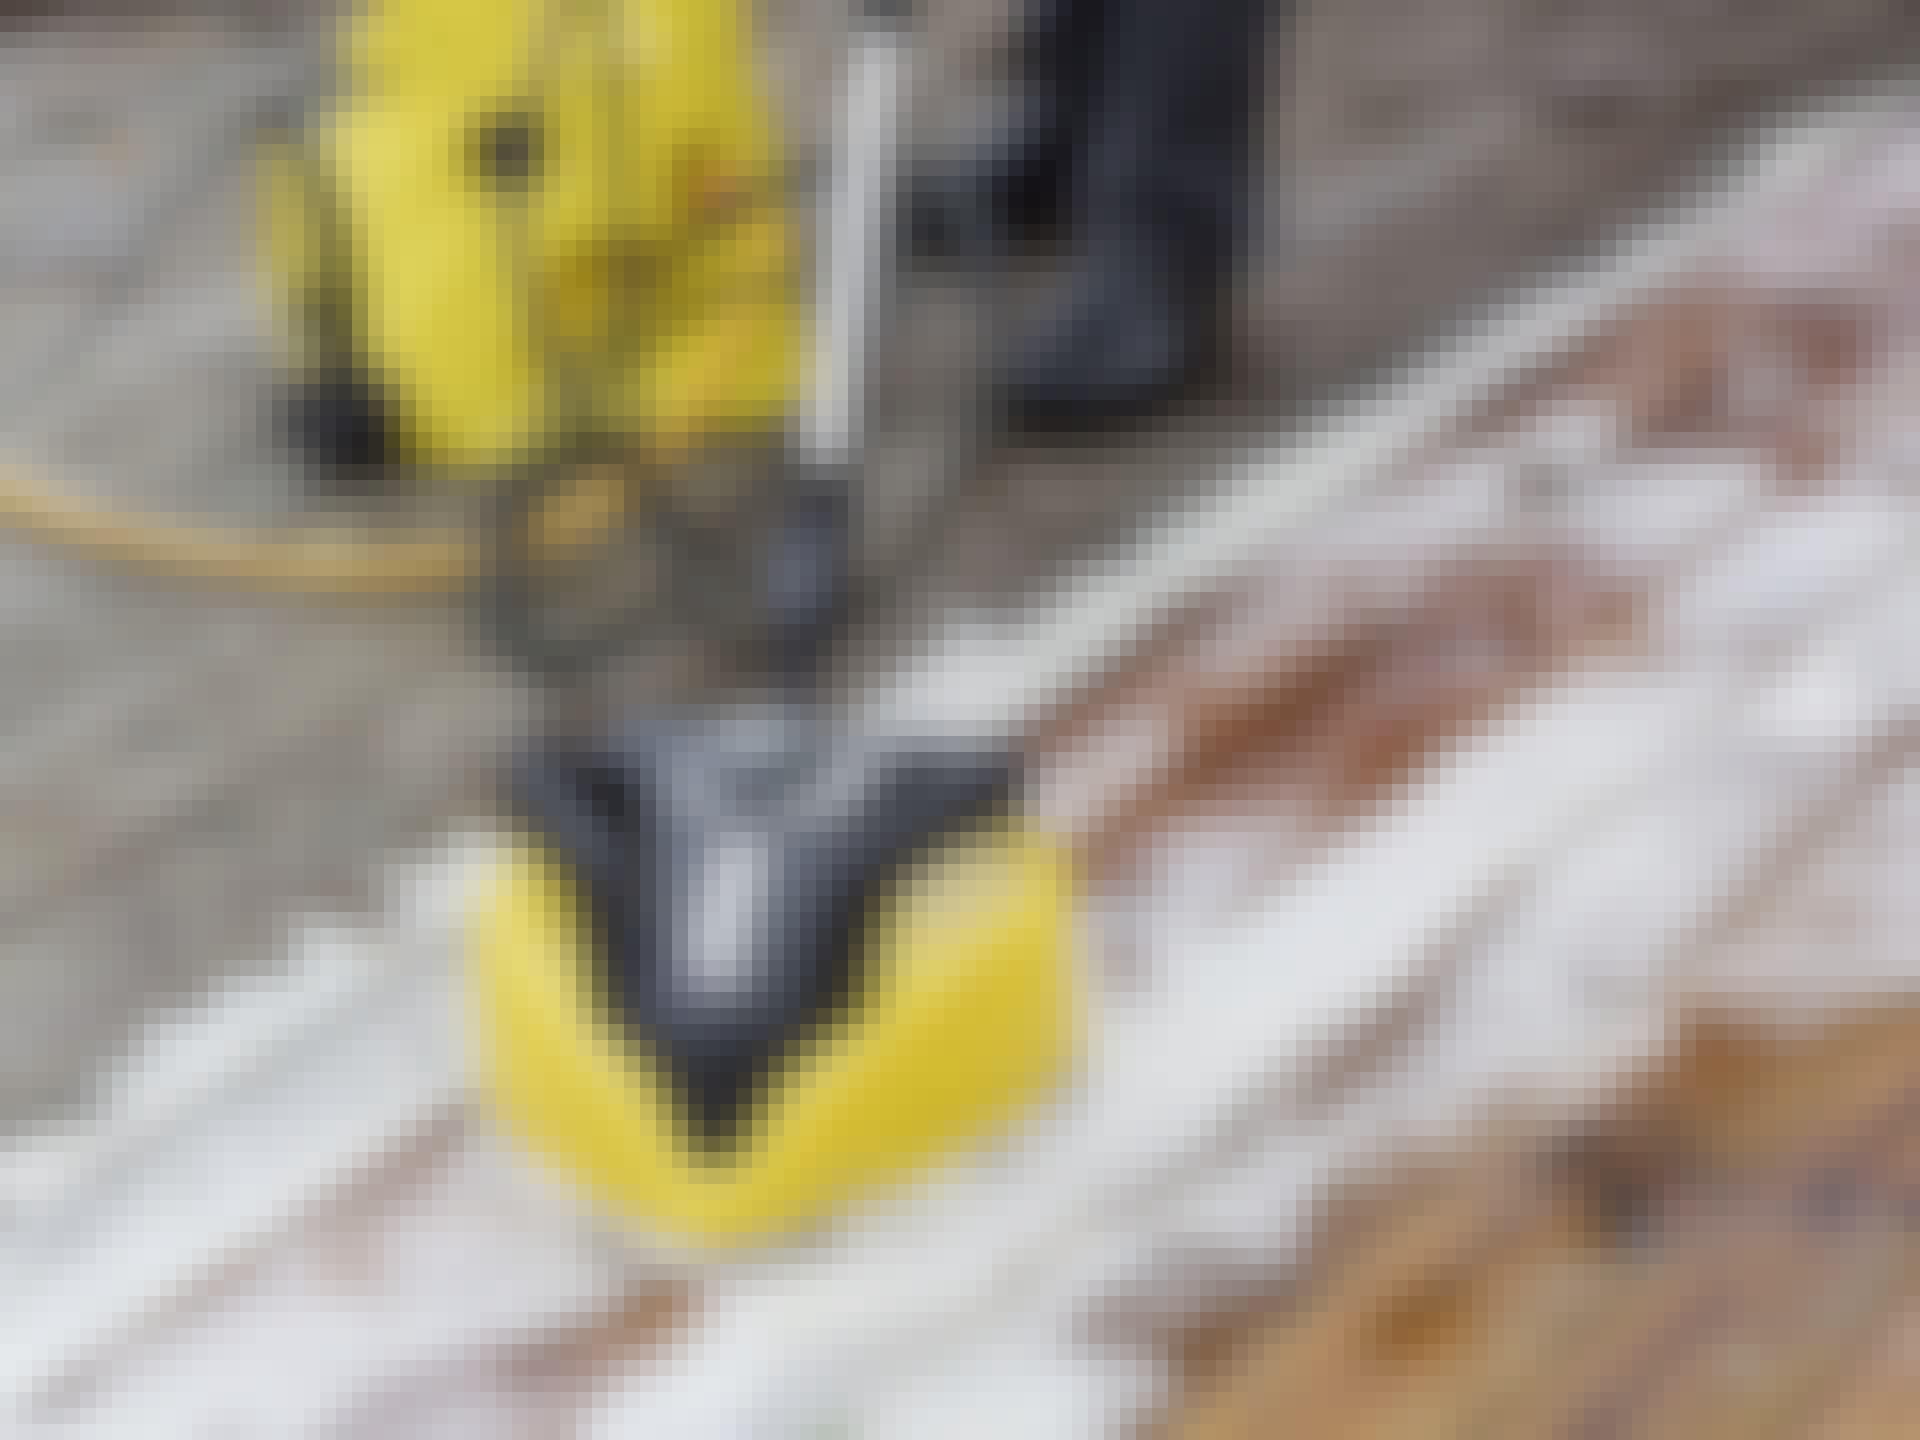 Rensning af træterrasse: SÅDAN renser du terrassen bedst!